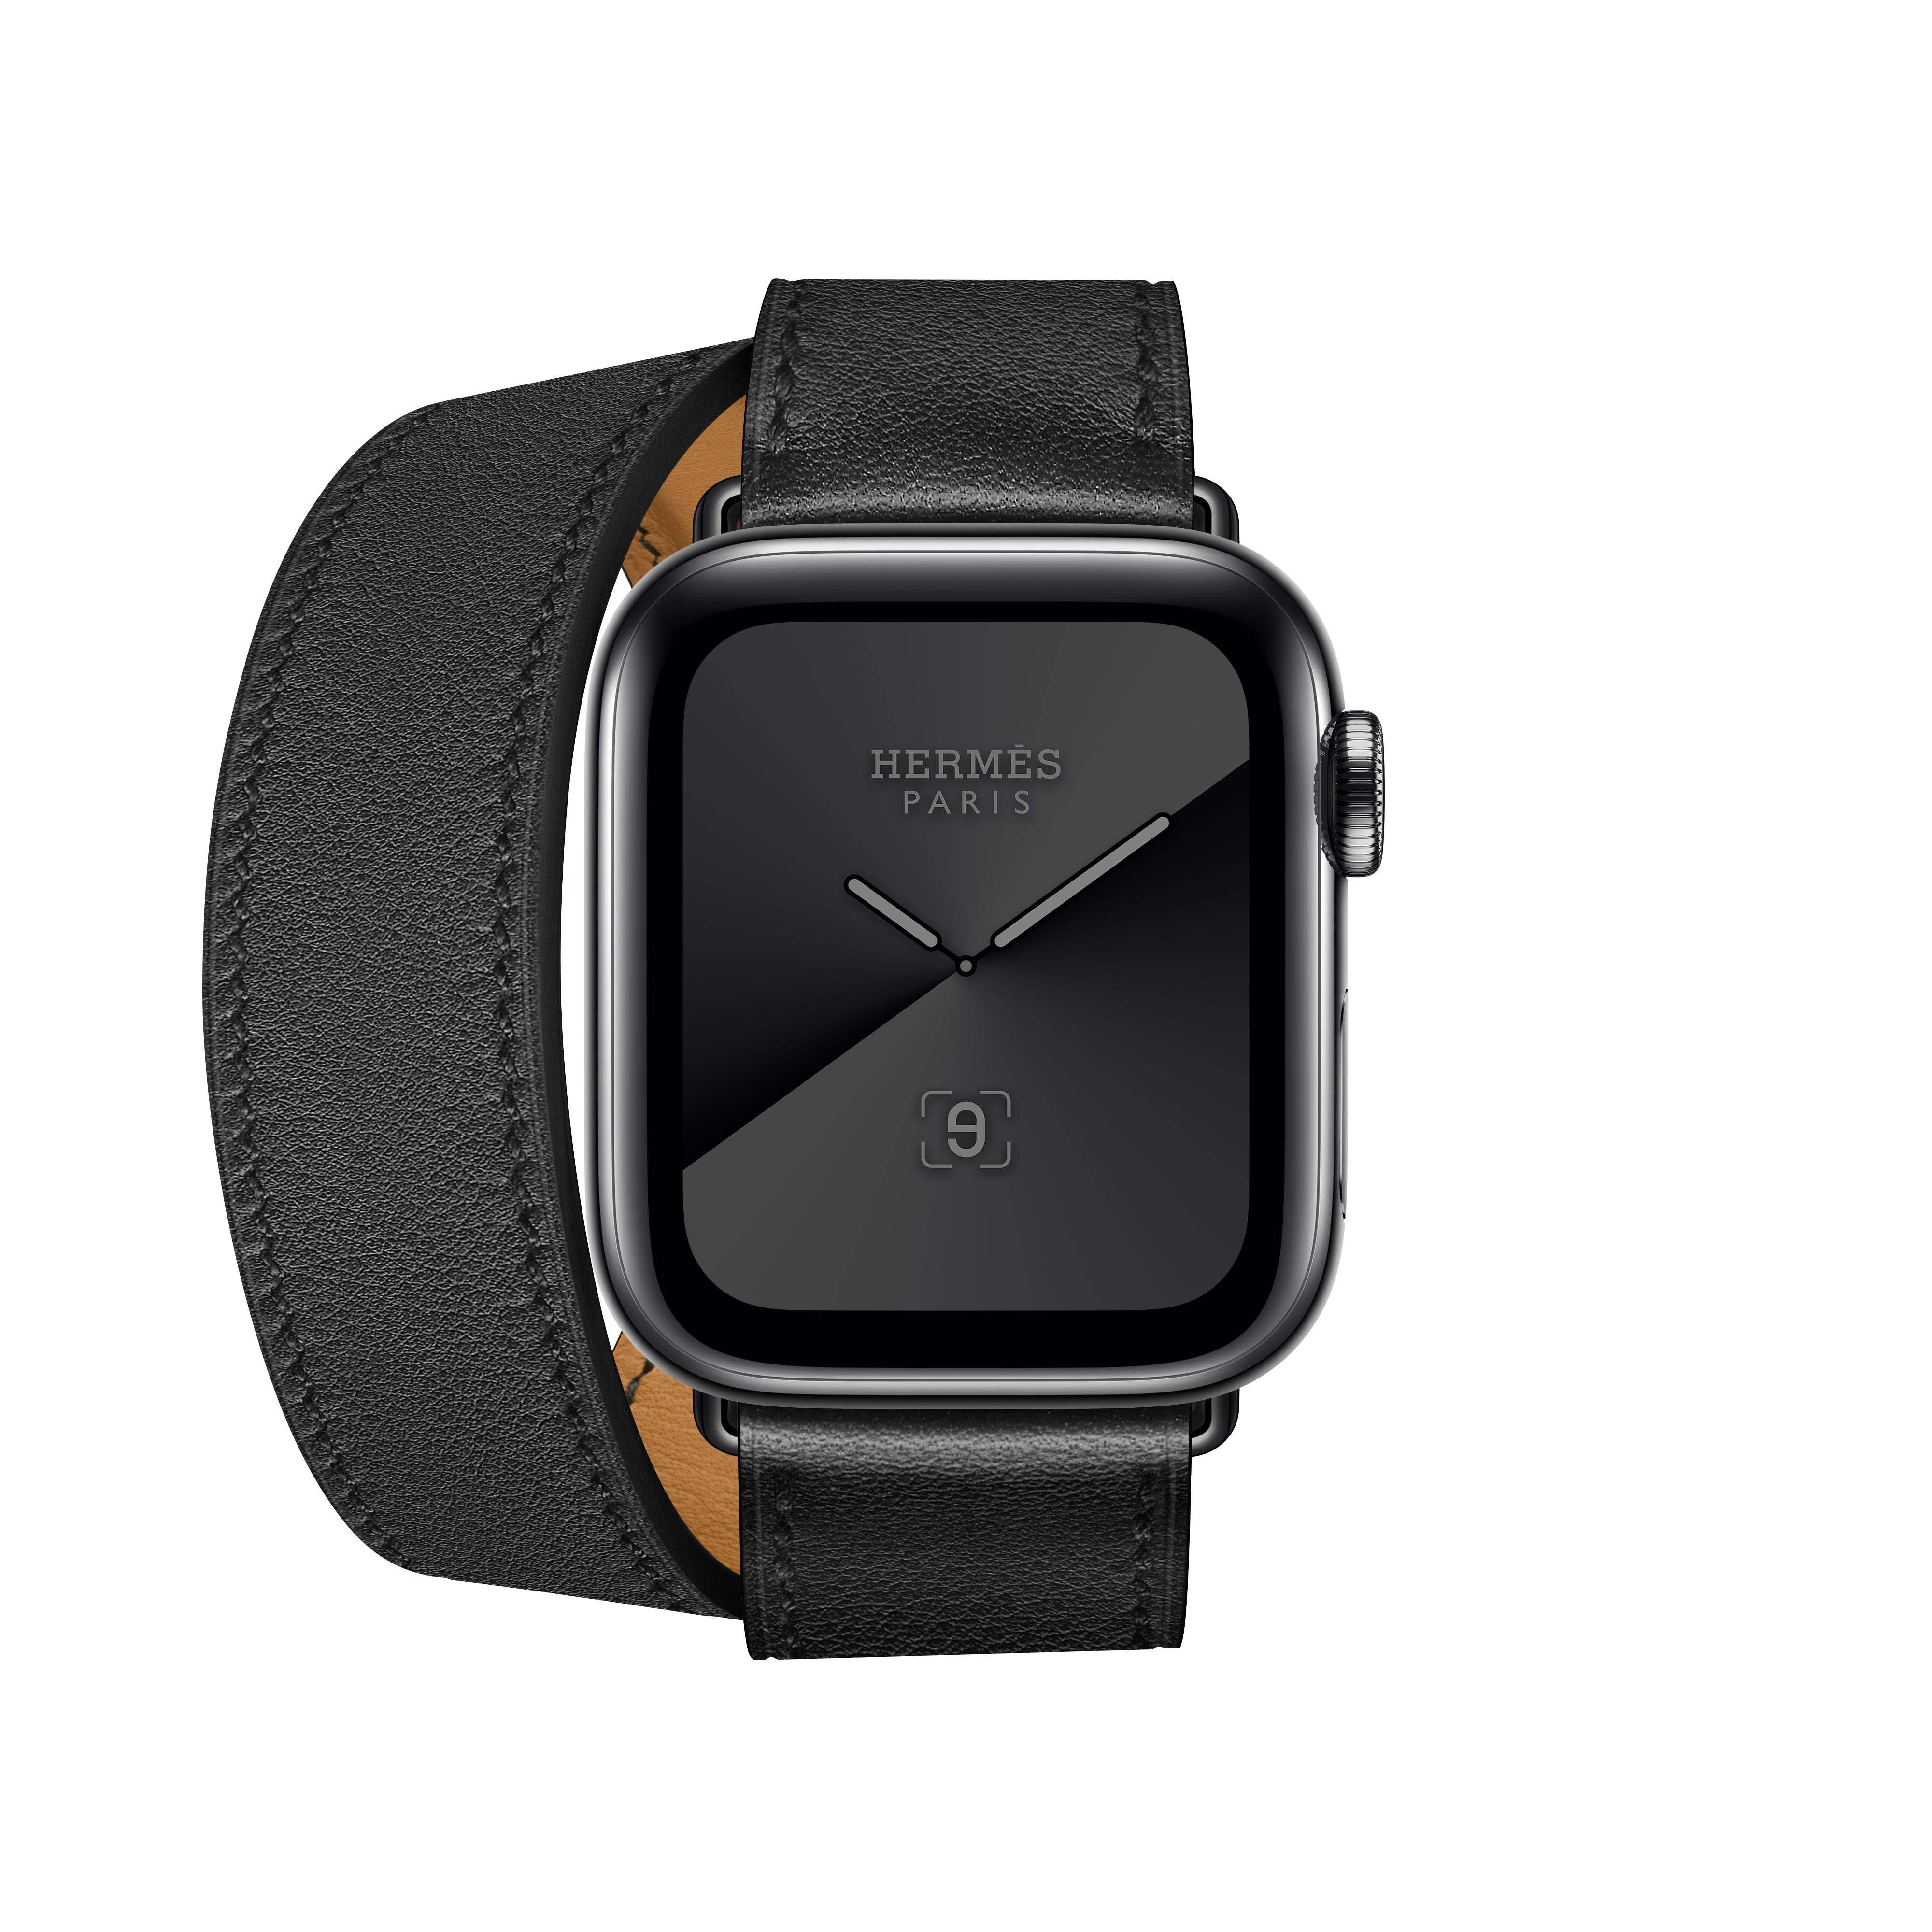 apple watch hermès dark art